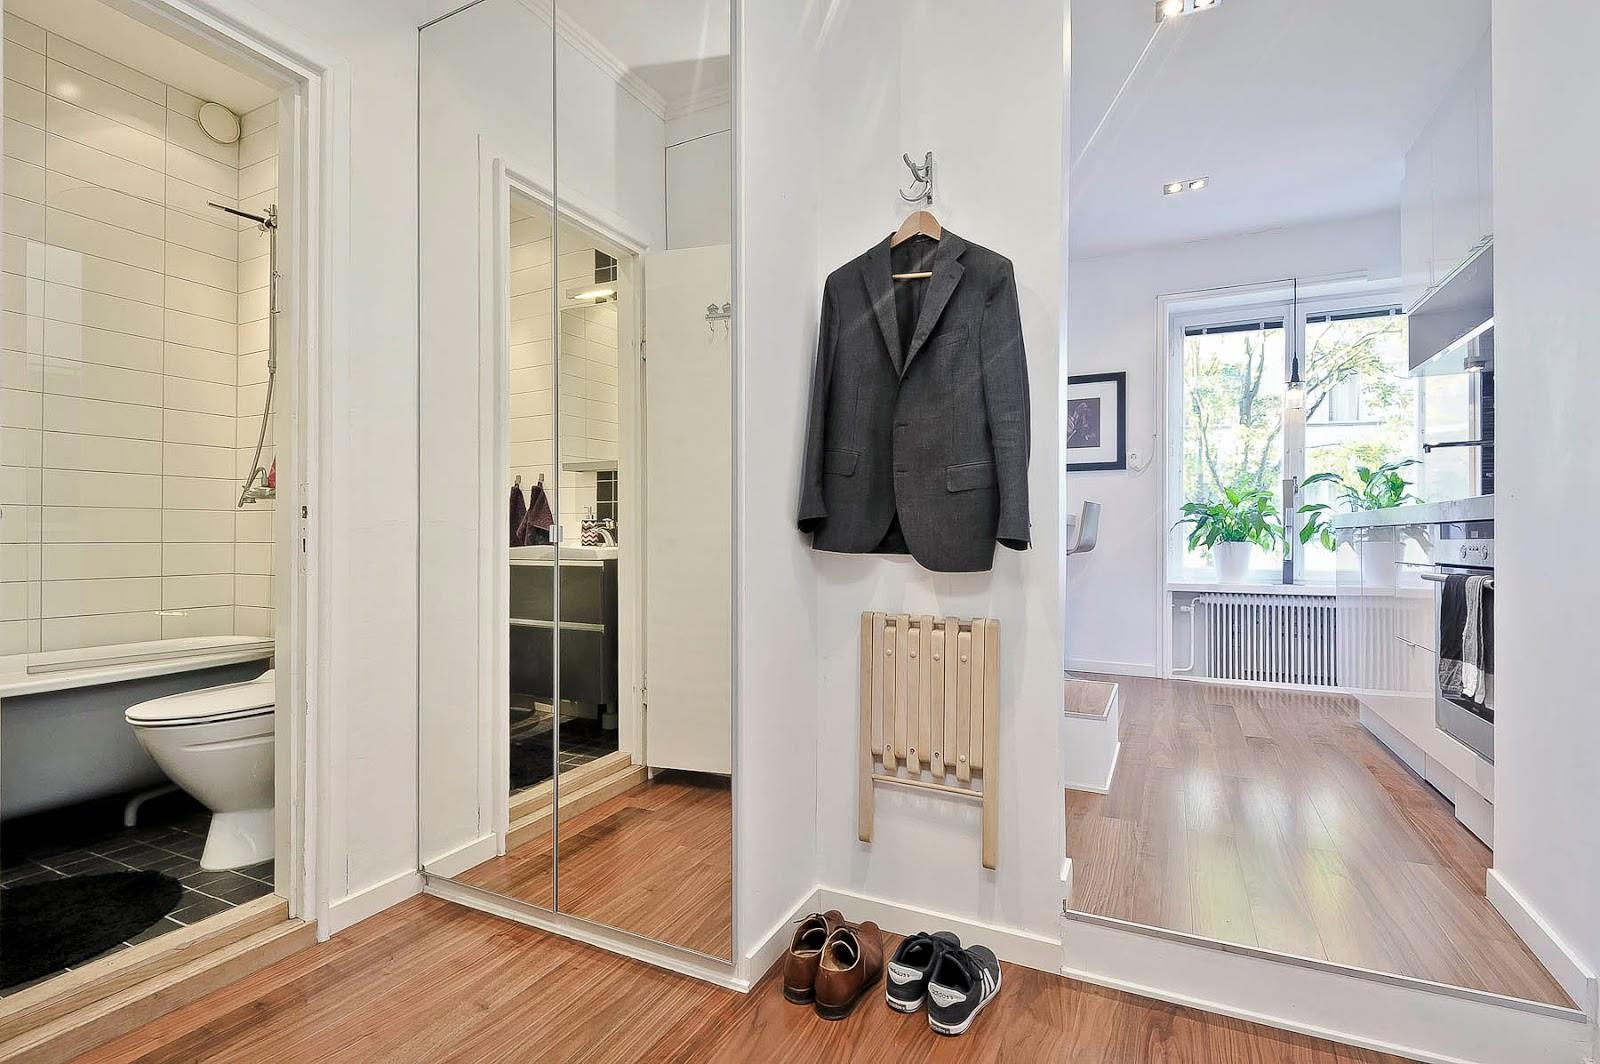 funktsionalen-i-izobilstvasht-ot-dobri-idei-malak-apartament-30-m-910g